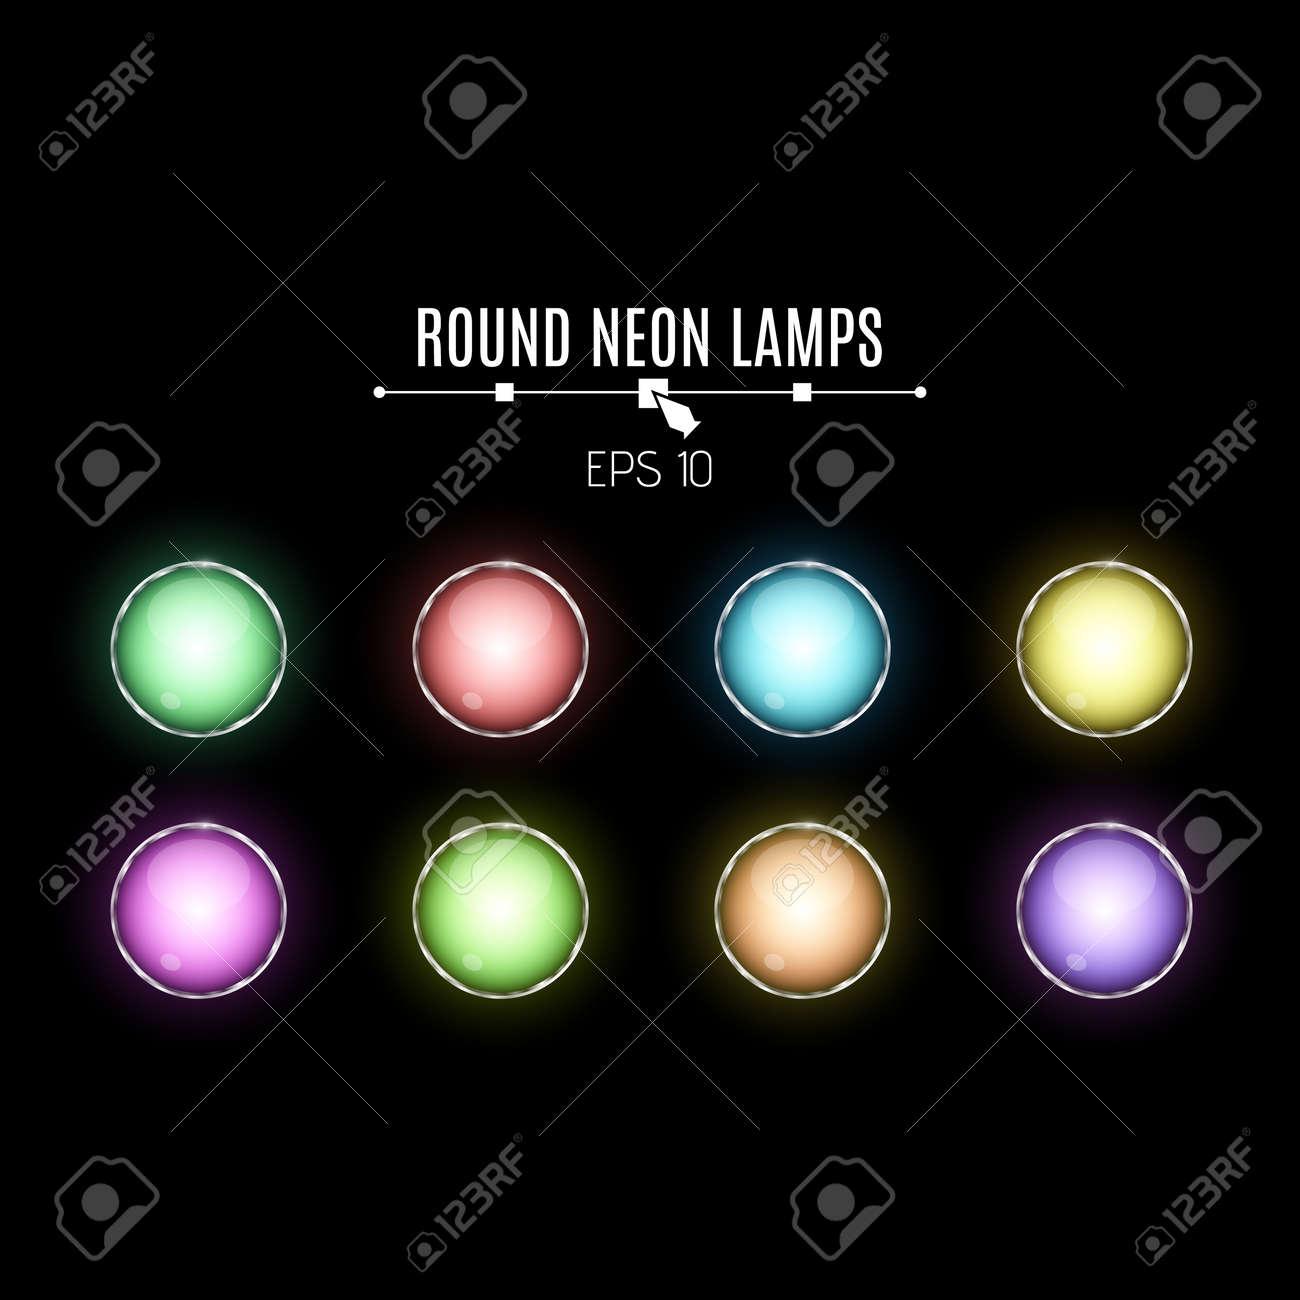 Vettoriale Una Serie Di Lampade Al Neon Realistiche E Rotonde